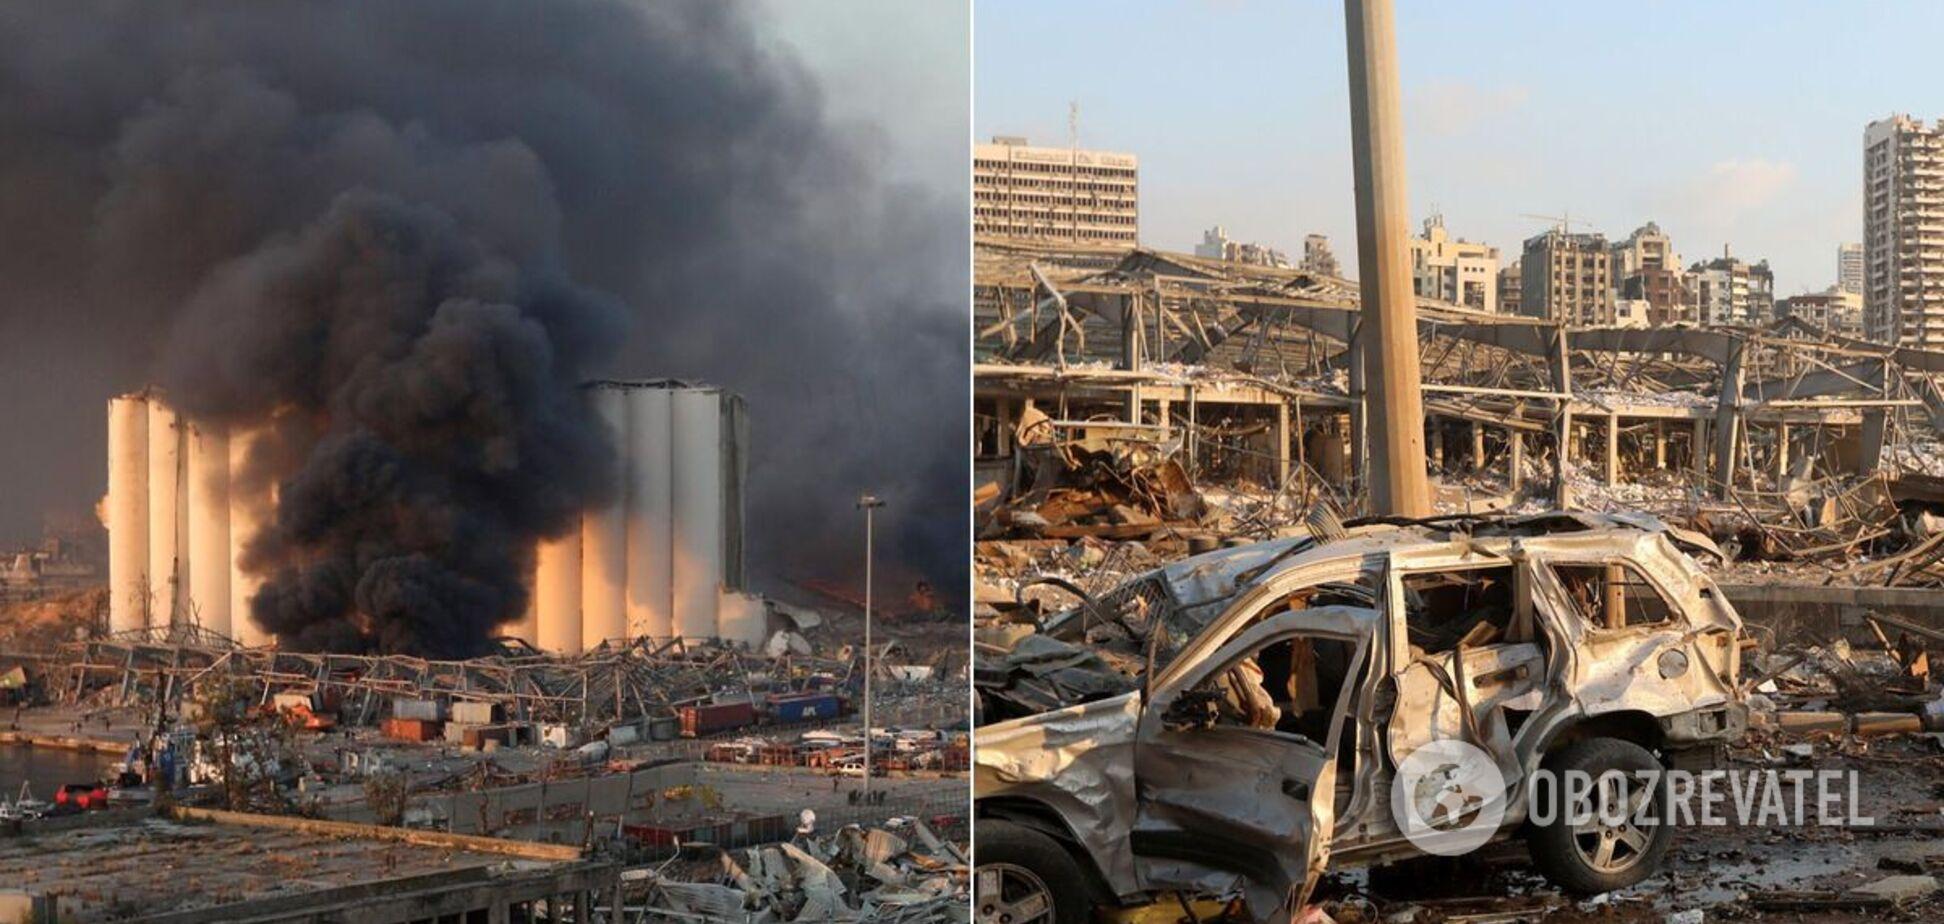 В Бейруте назвали колоссальную сумму ущерба от взрыва: ситуация катастрофична